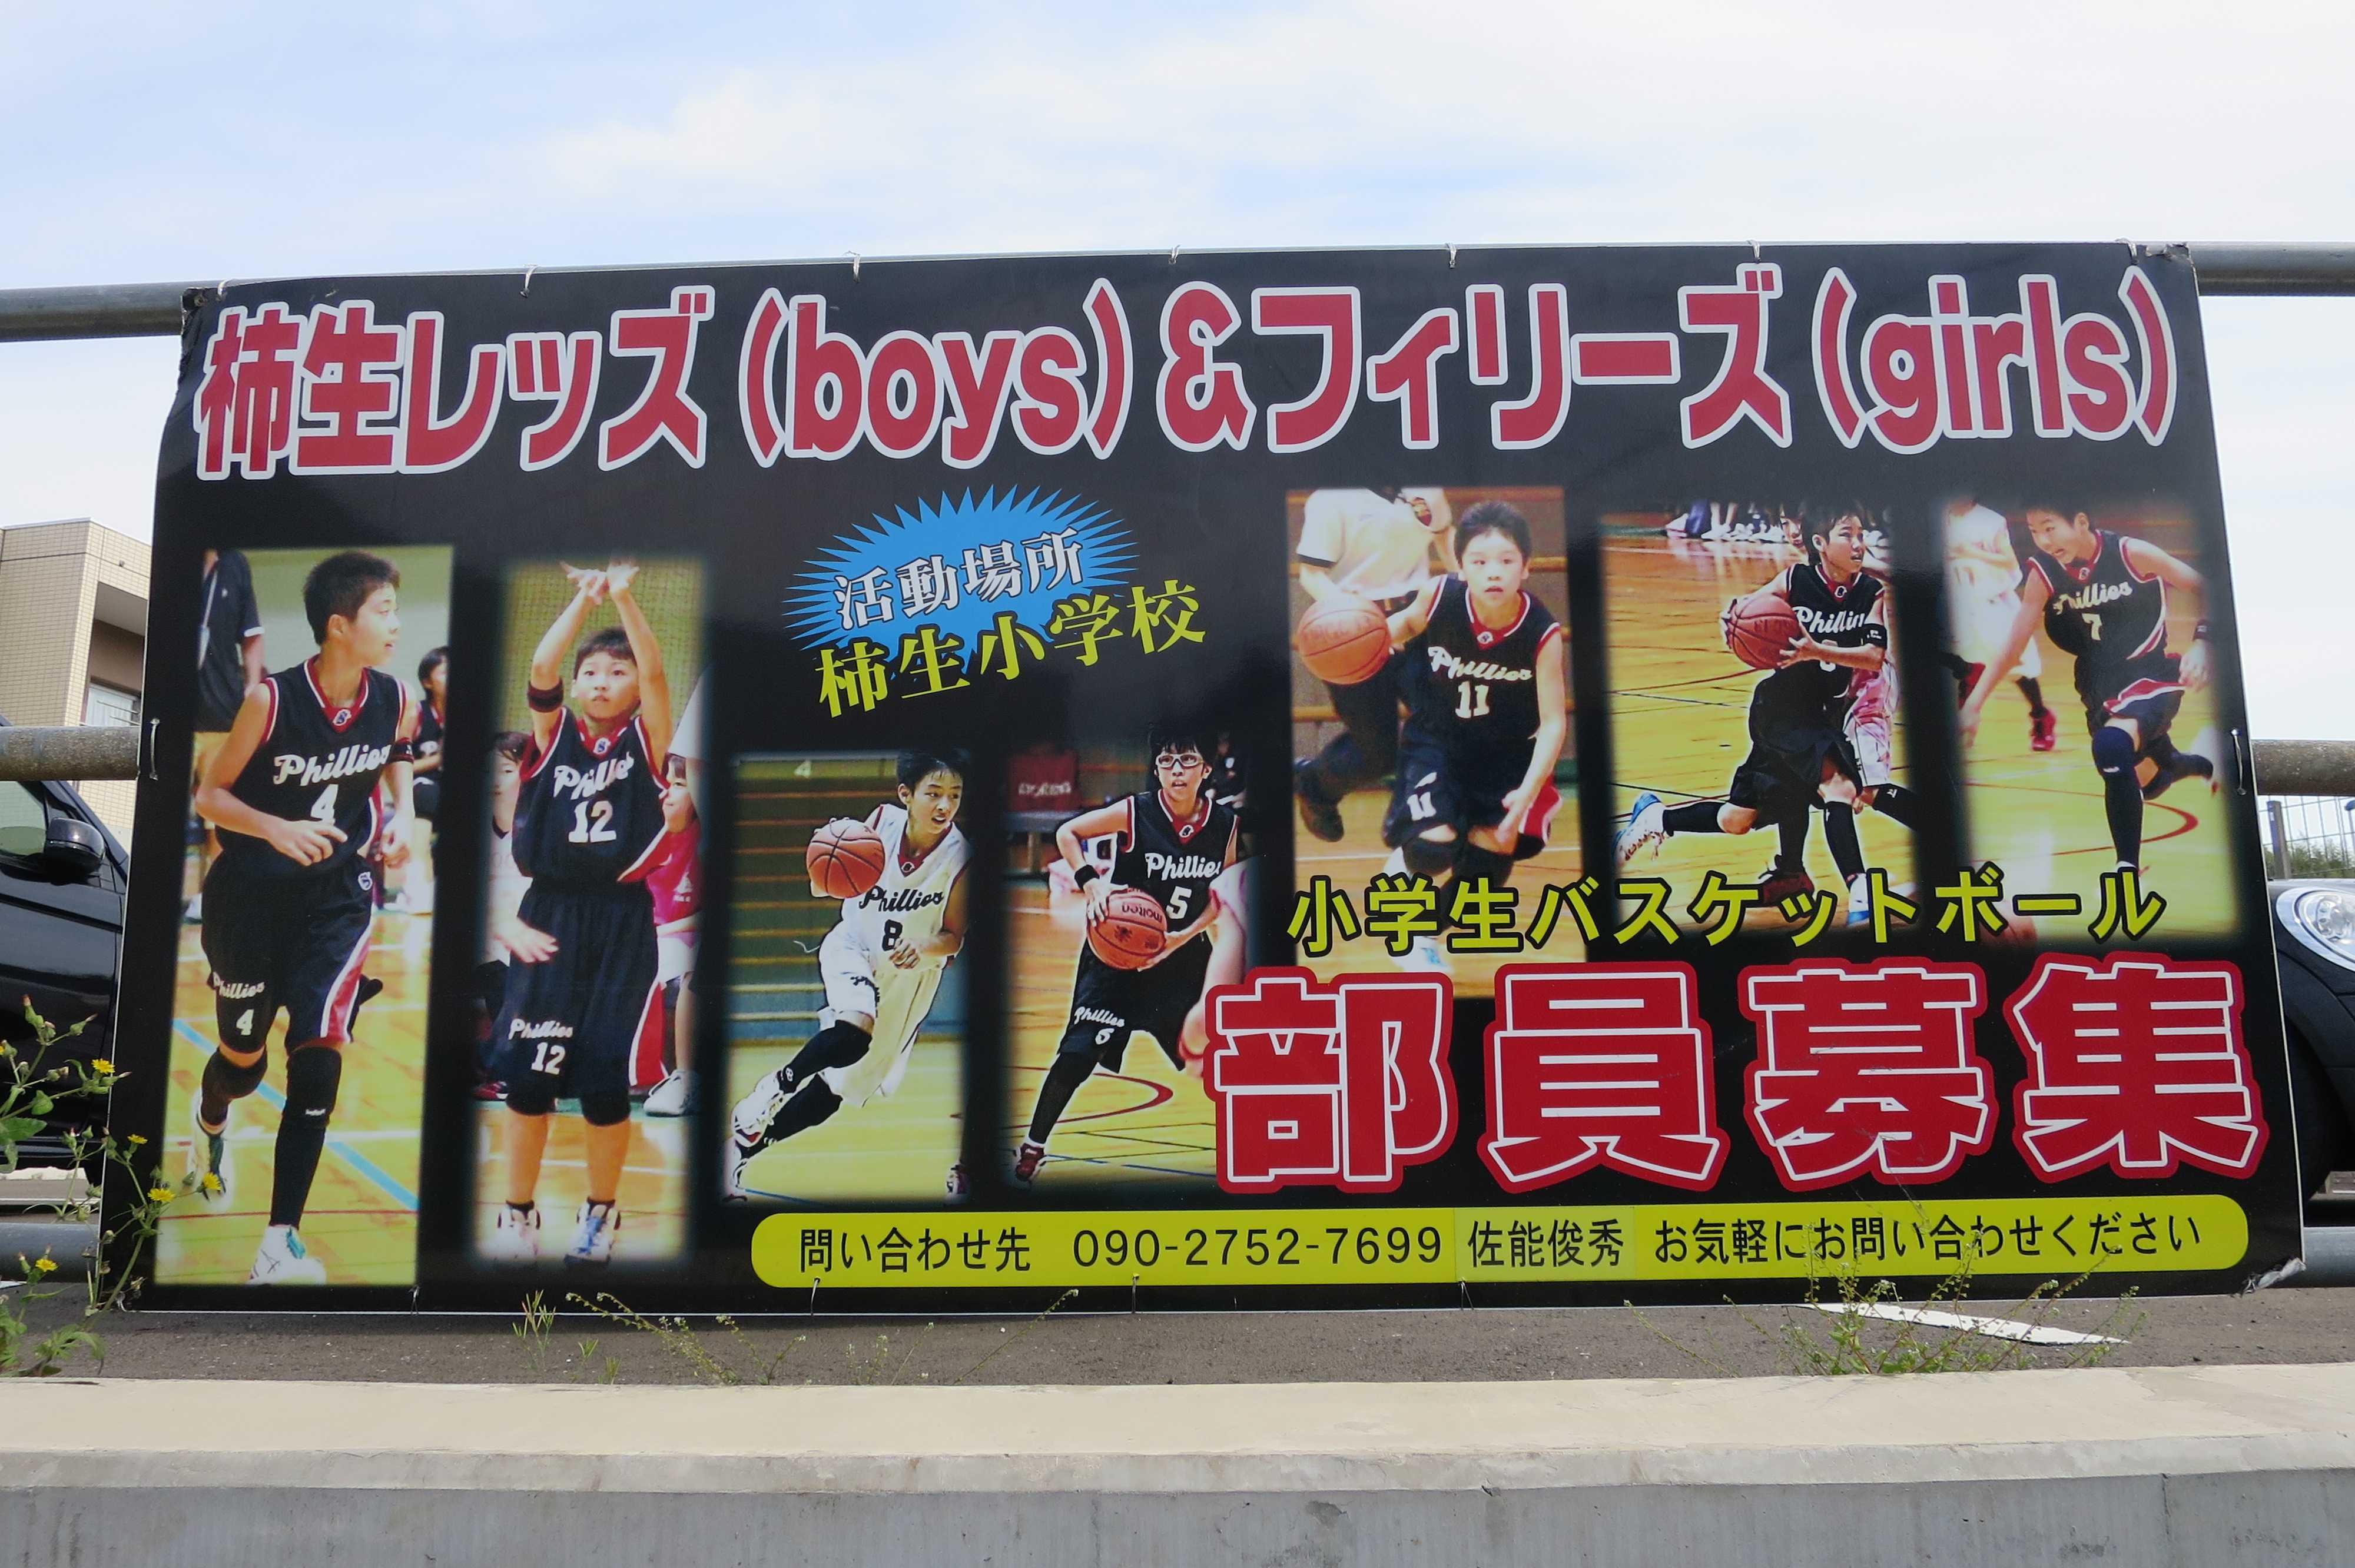 小学生バスケットボールチーム - 柿生レッズ(boys) & 柿生フィリーズ(girls)